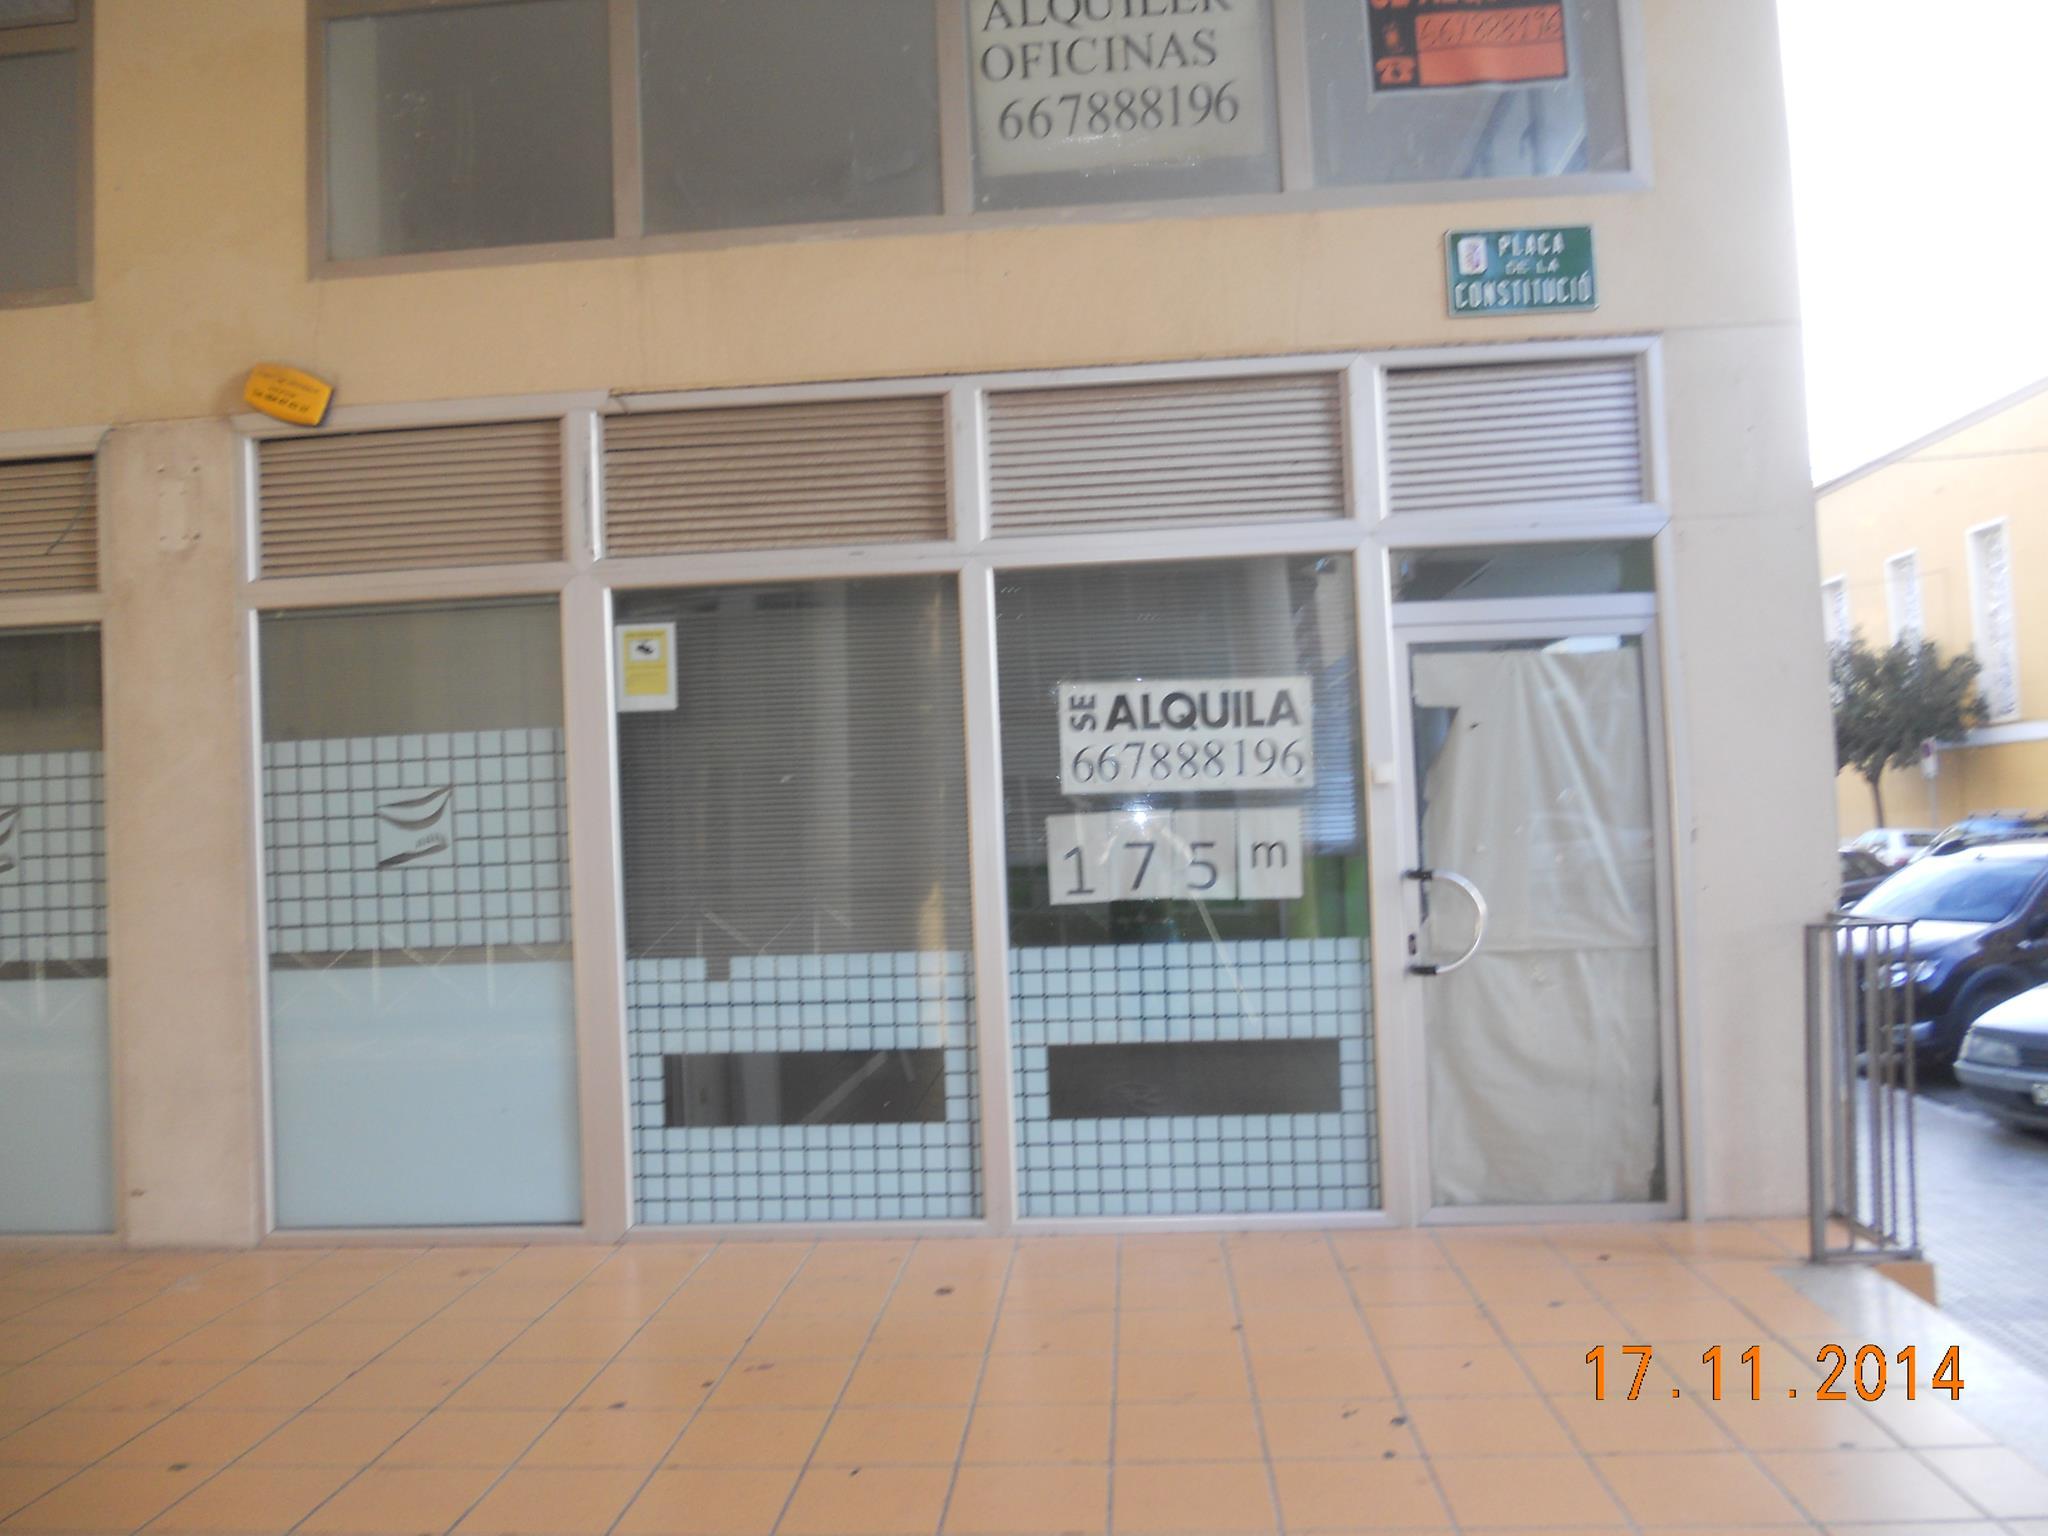 Apertura de oficina bankinter 0684 vinaroz bojuna - Oficinas de bankinter en barcelona ...